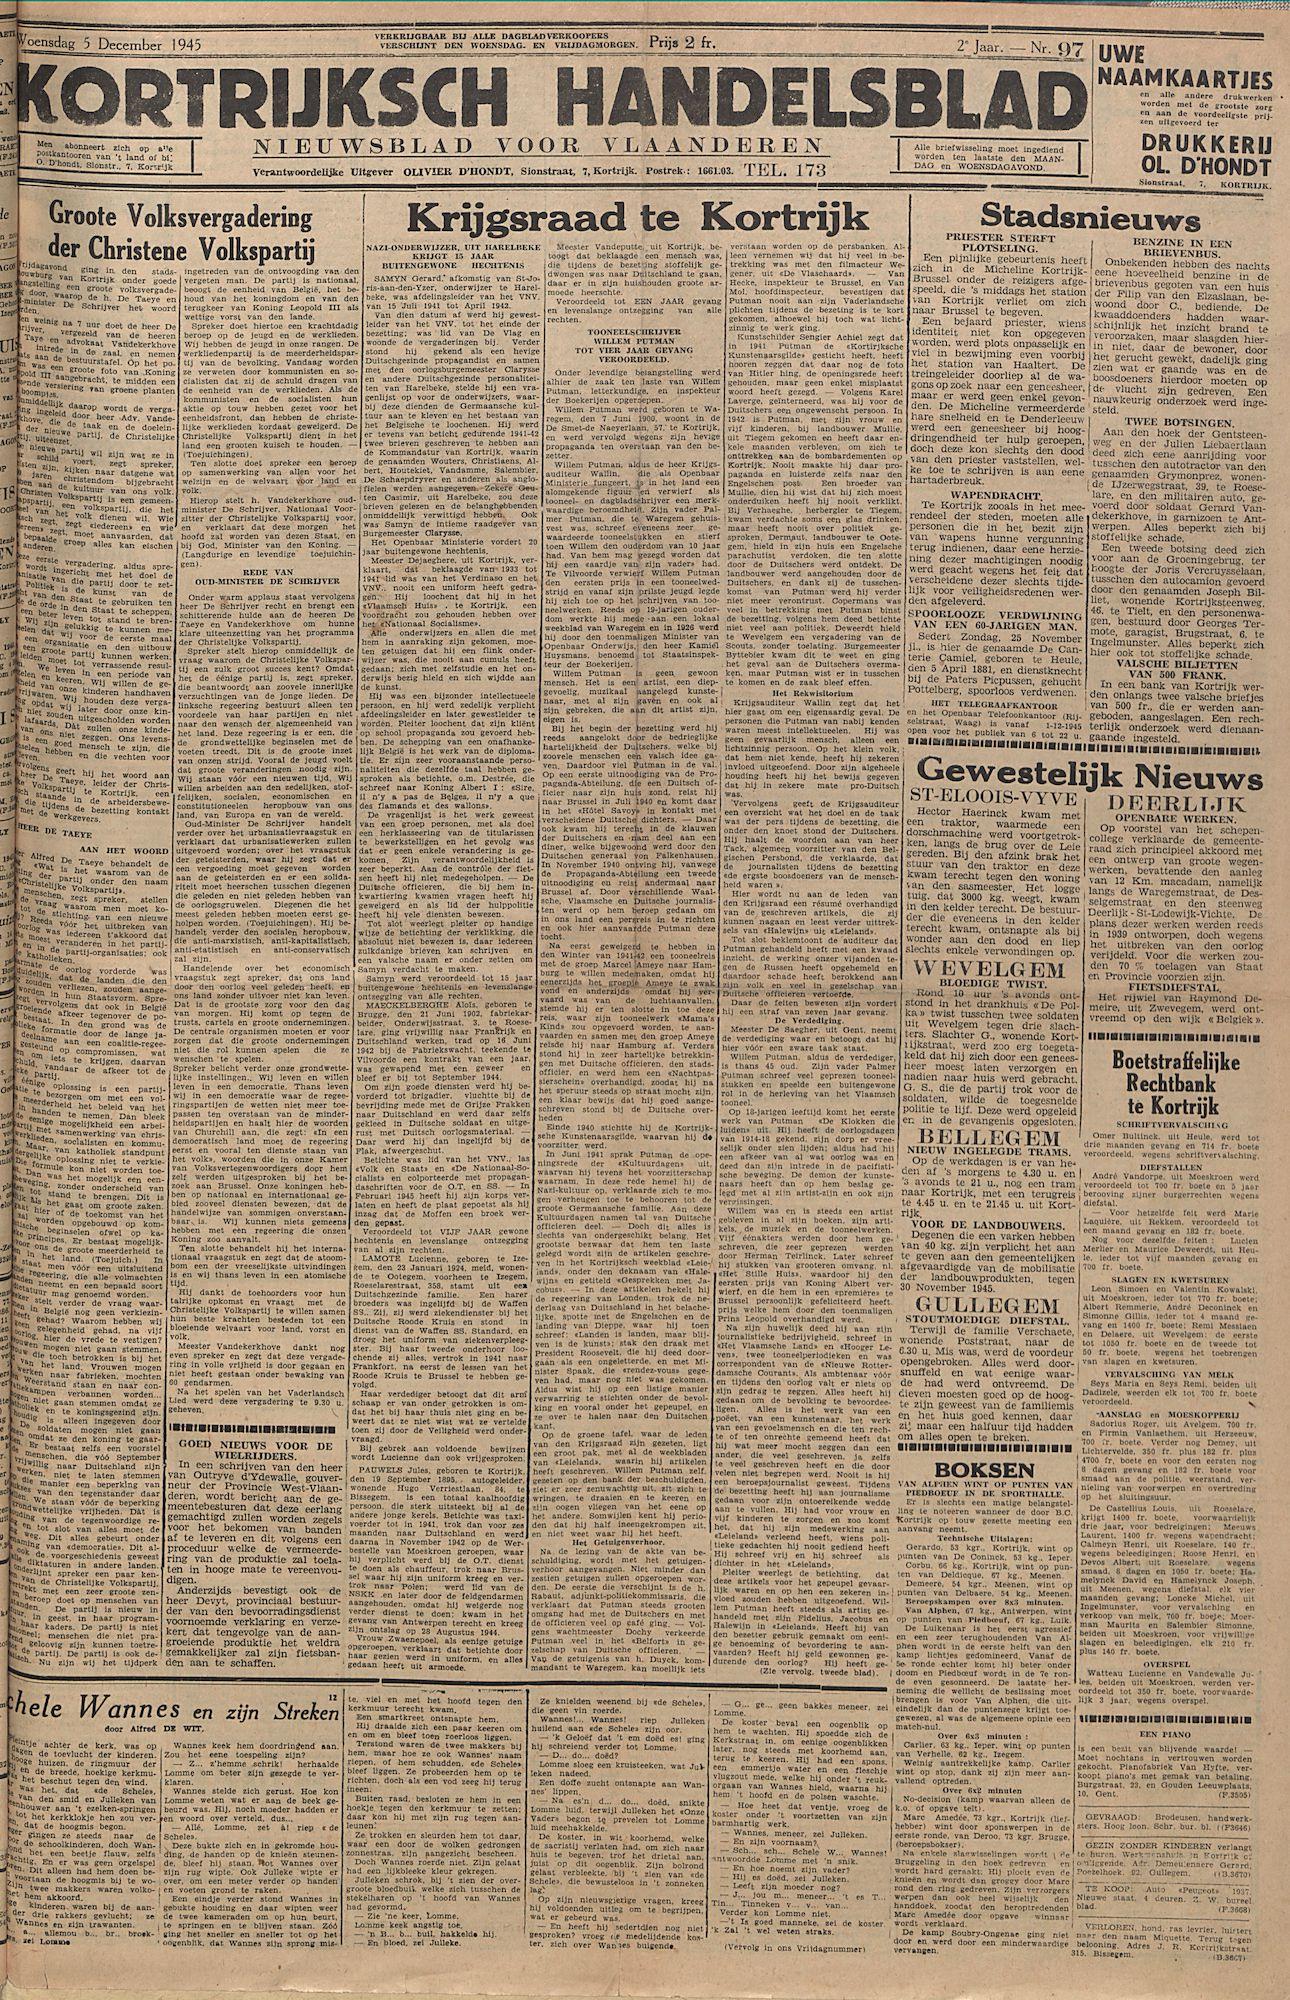 Kortrijksch Handelsblad 5 december 1945 Nr97 p1